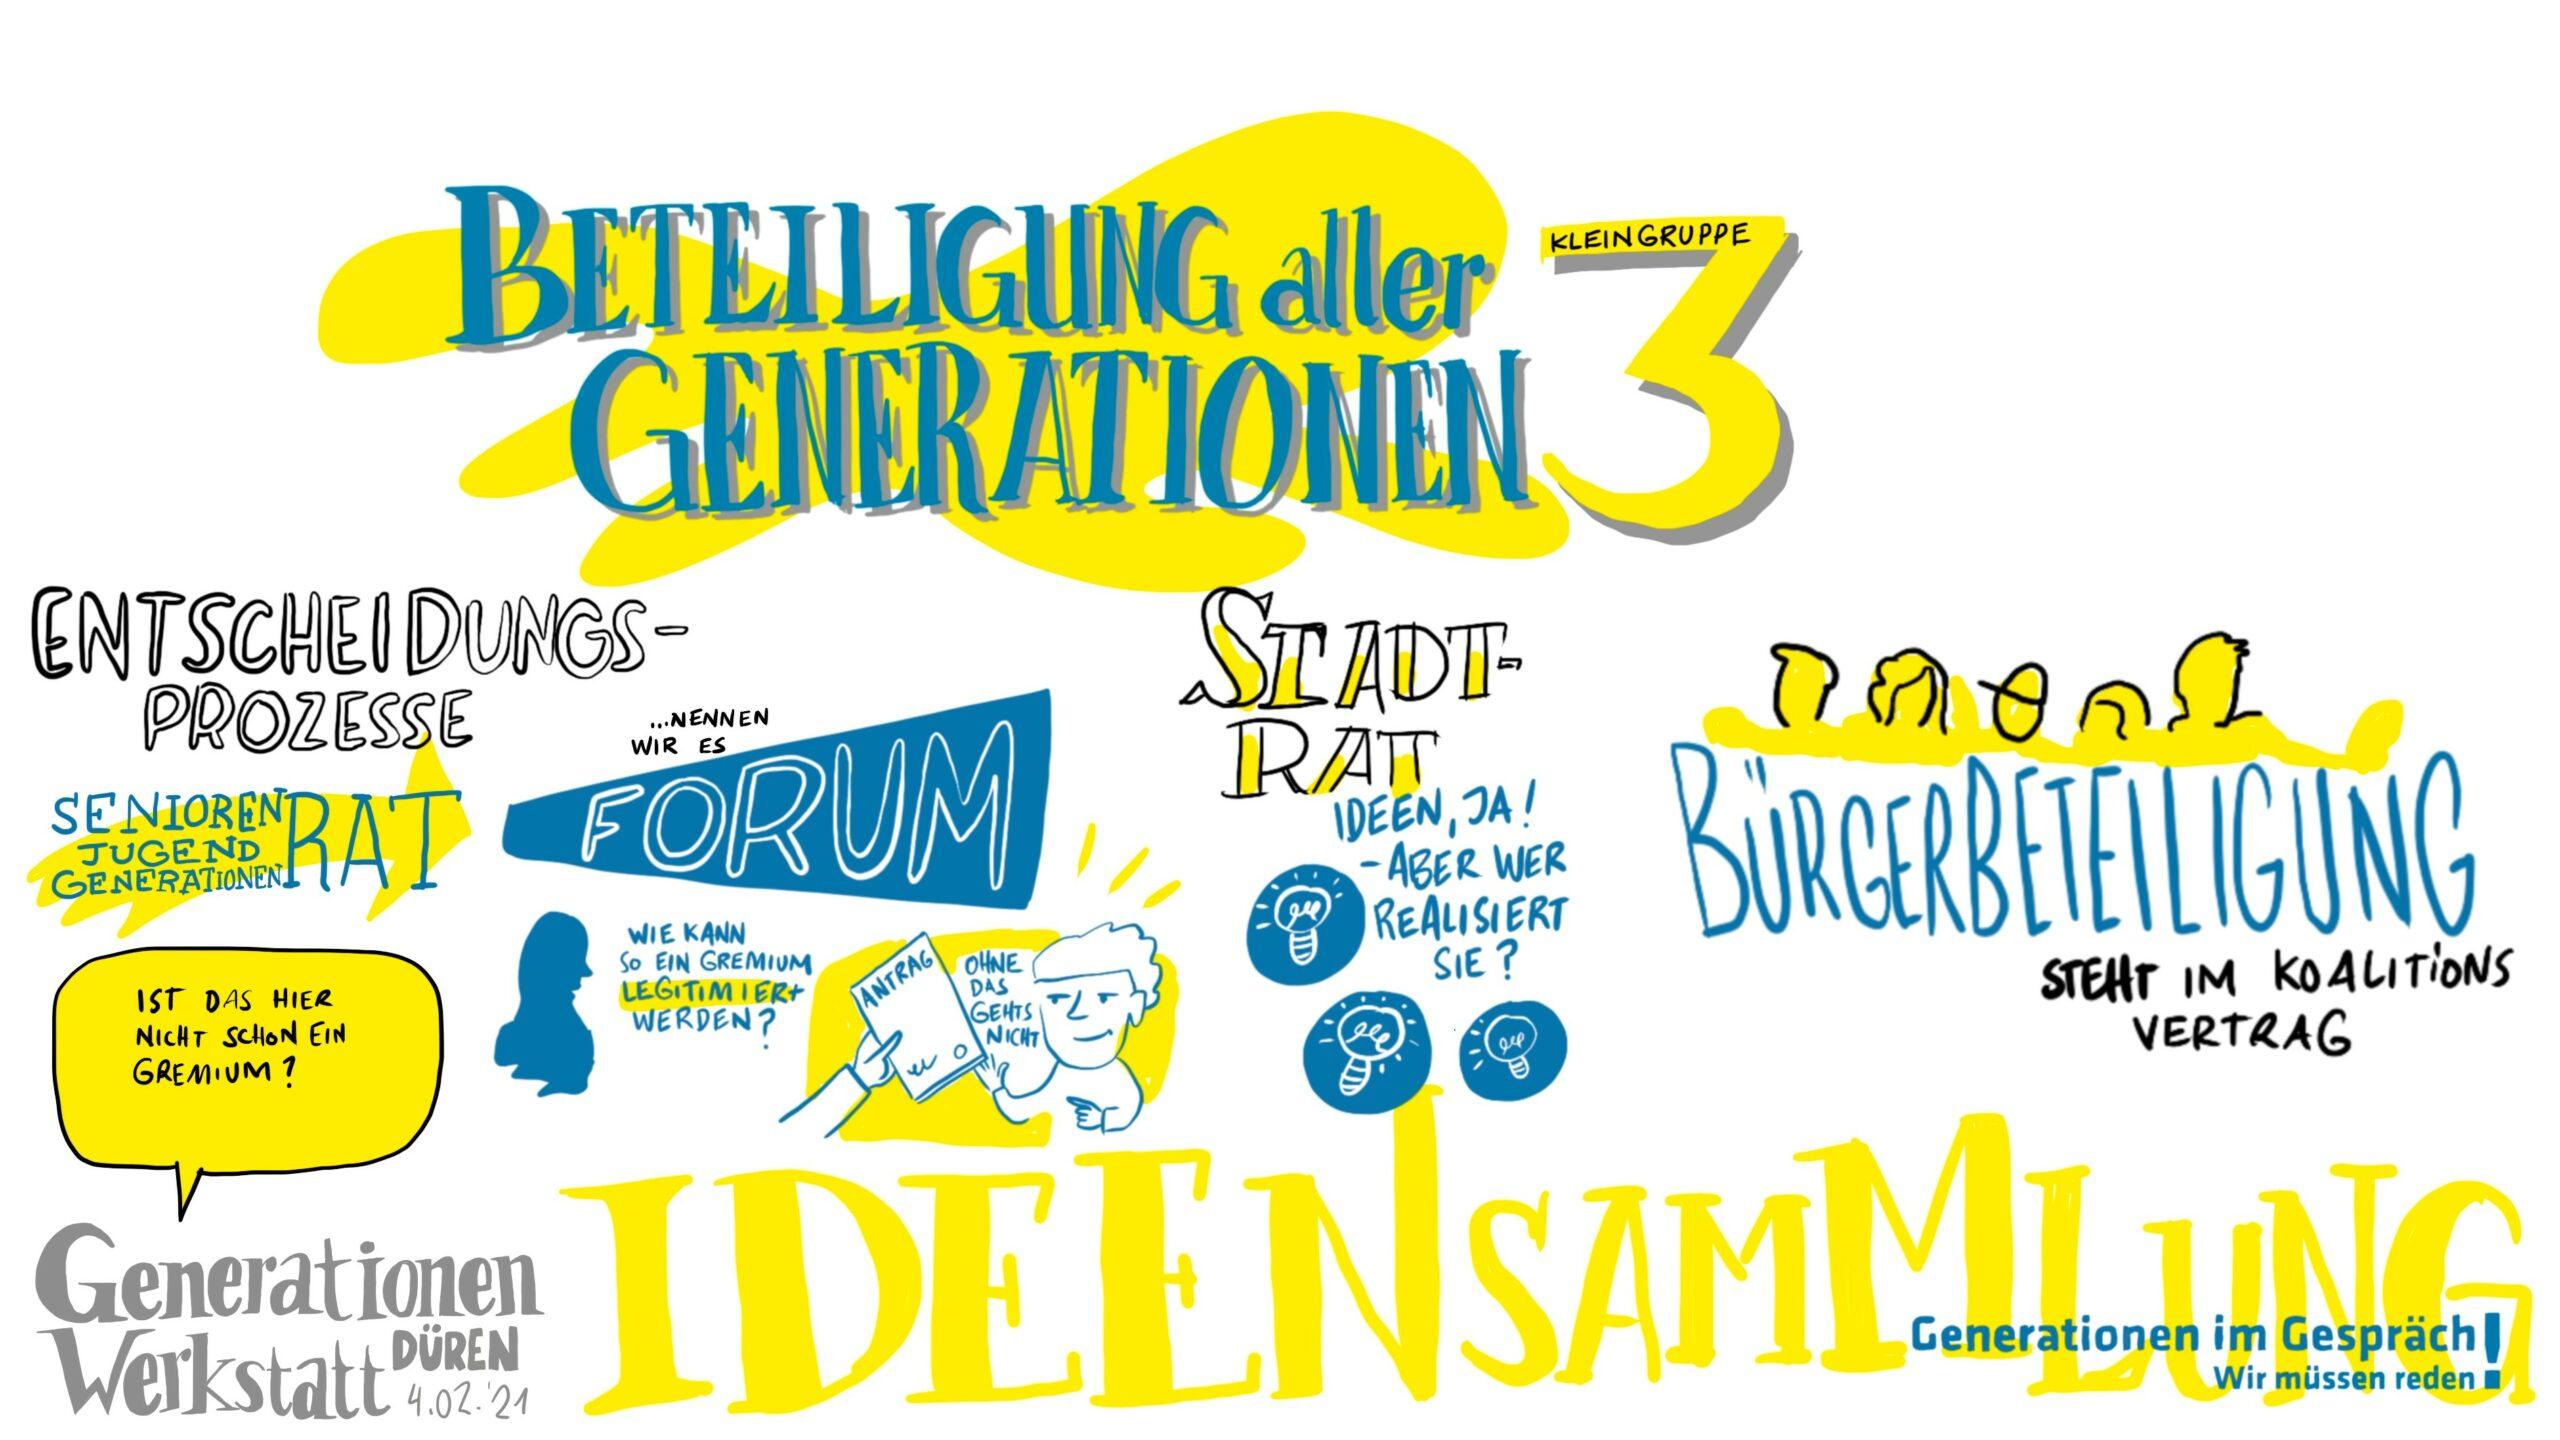 GenerationenWerkstatt Düren 04022021 Final – 5